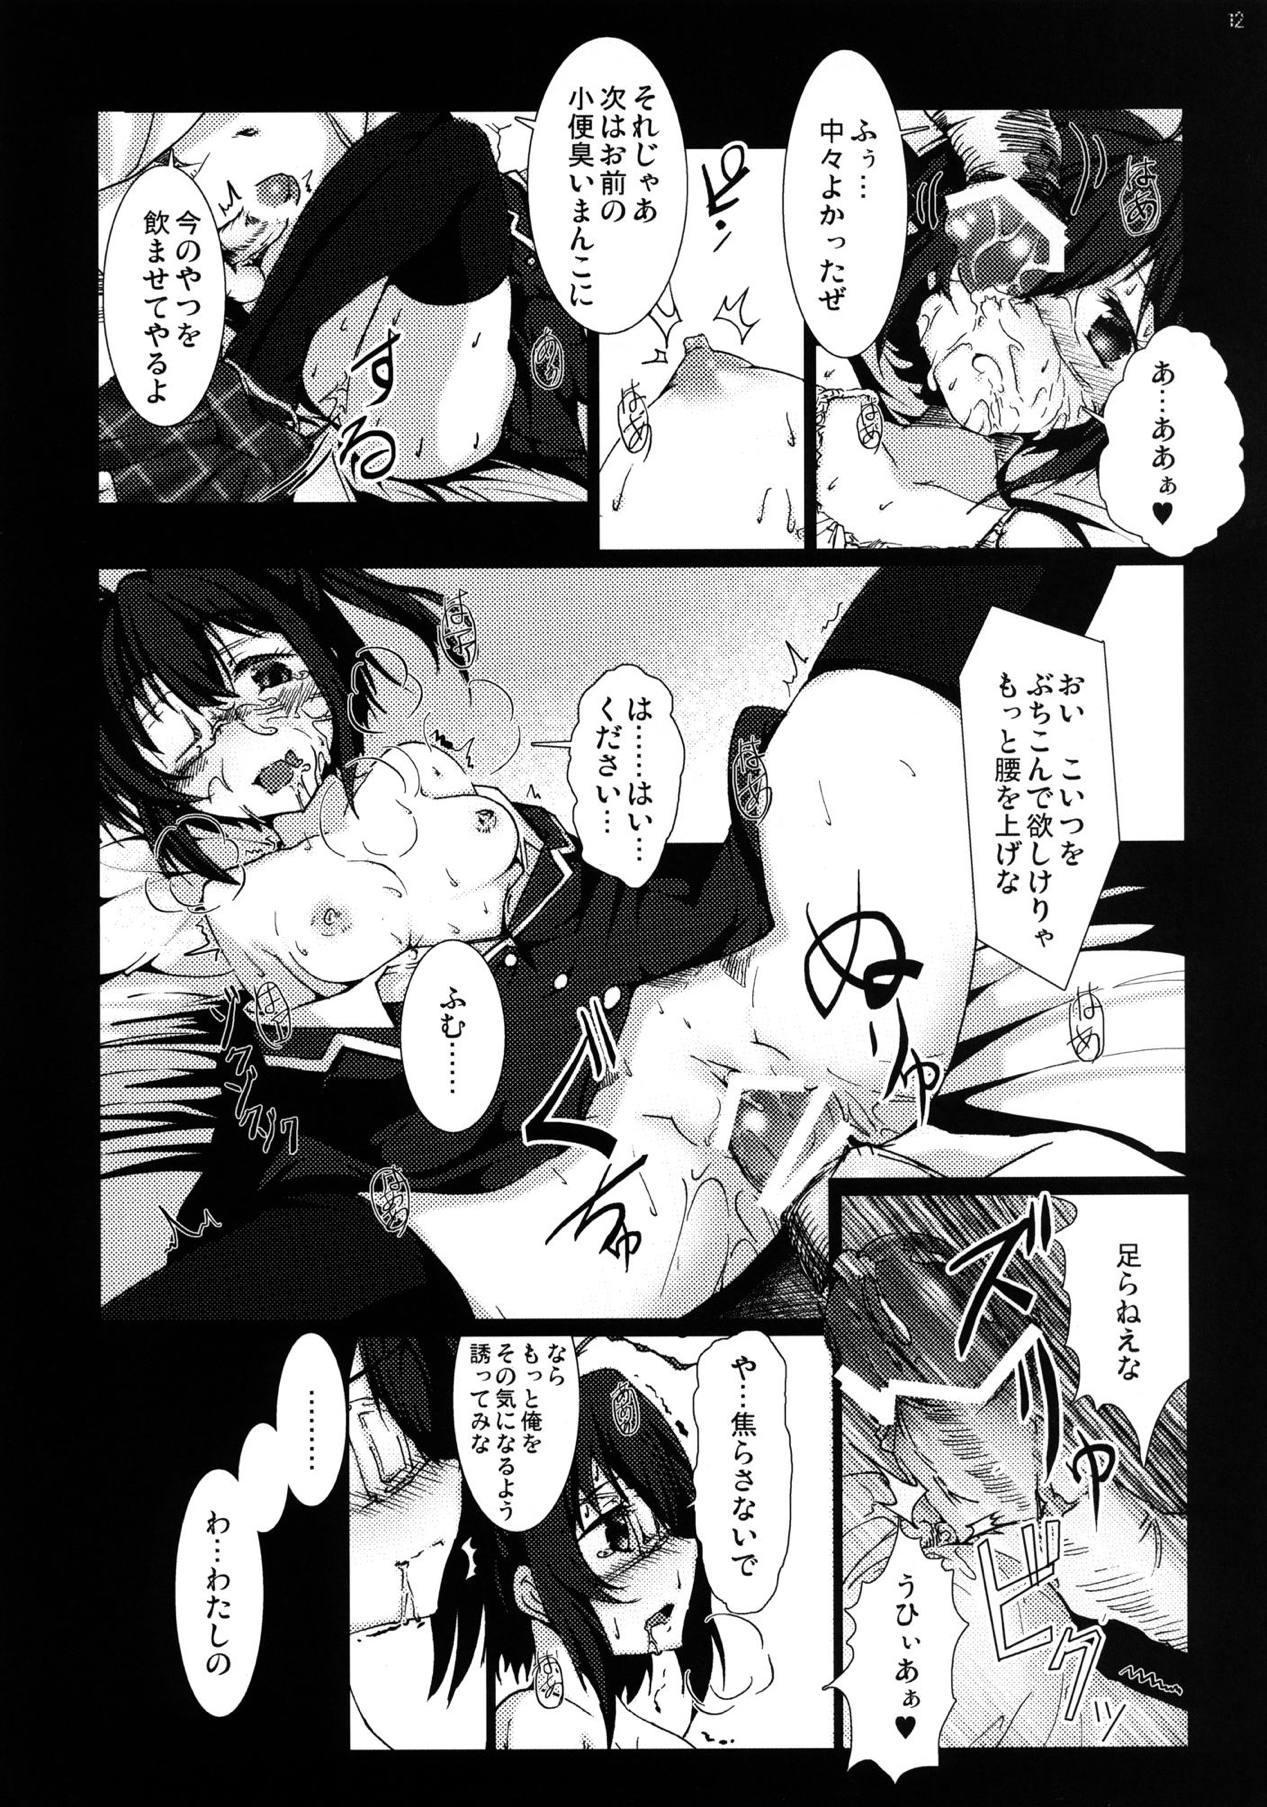 Chuunibyou demo Ninshin Shitai! 10